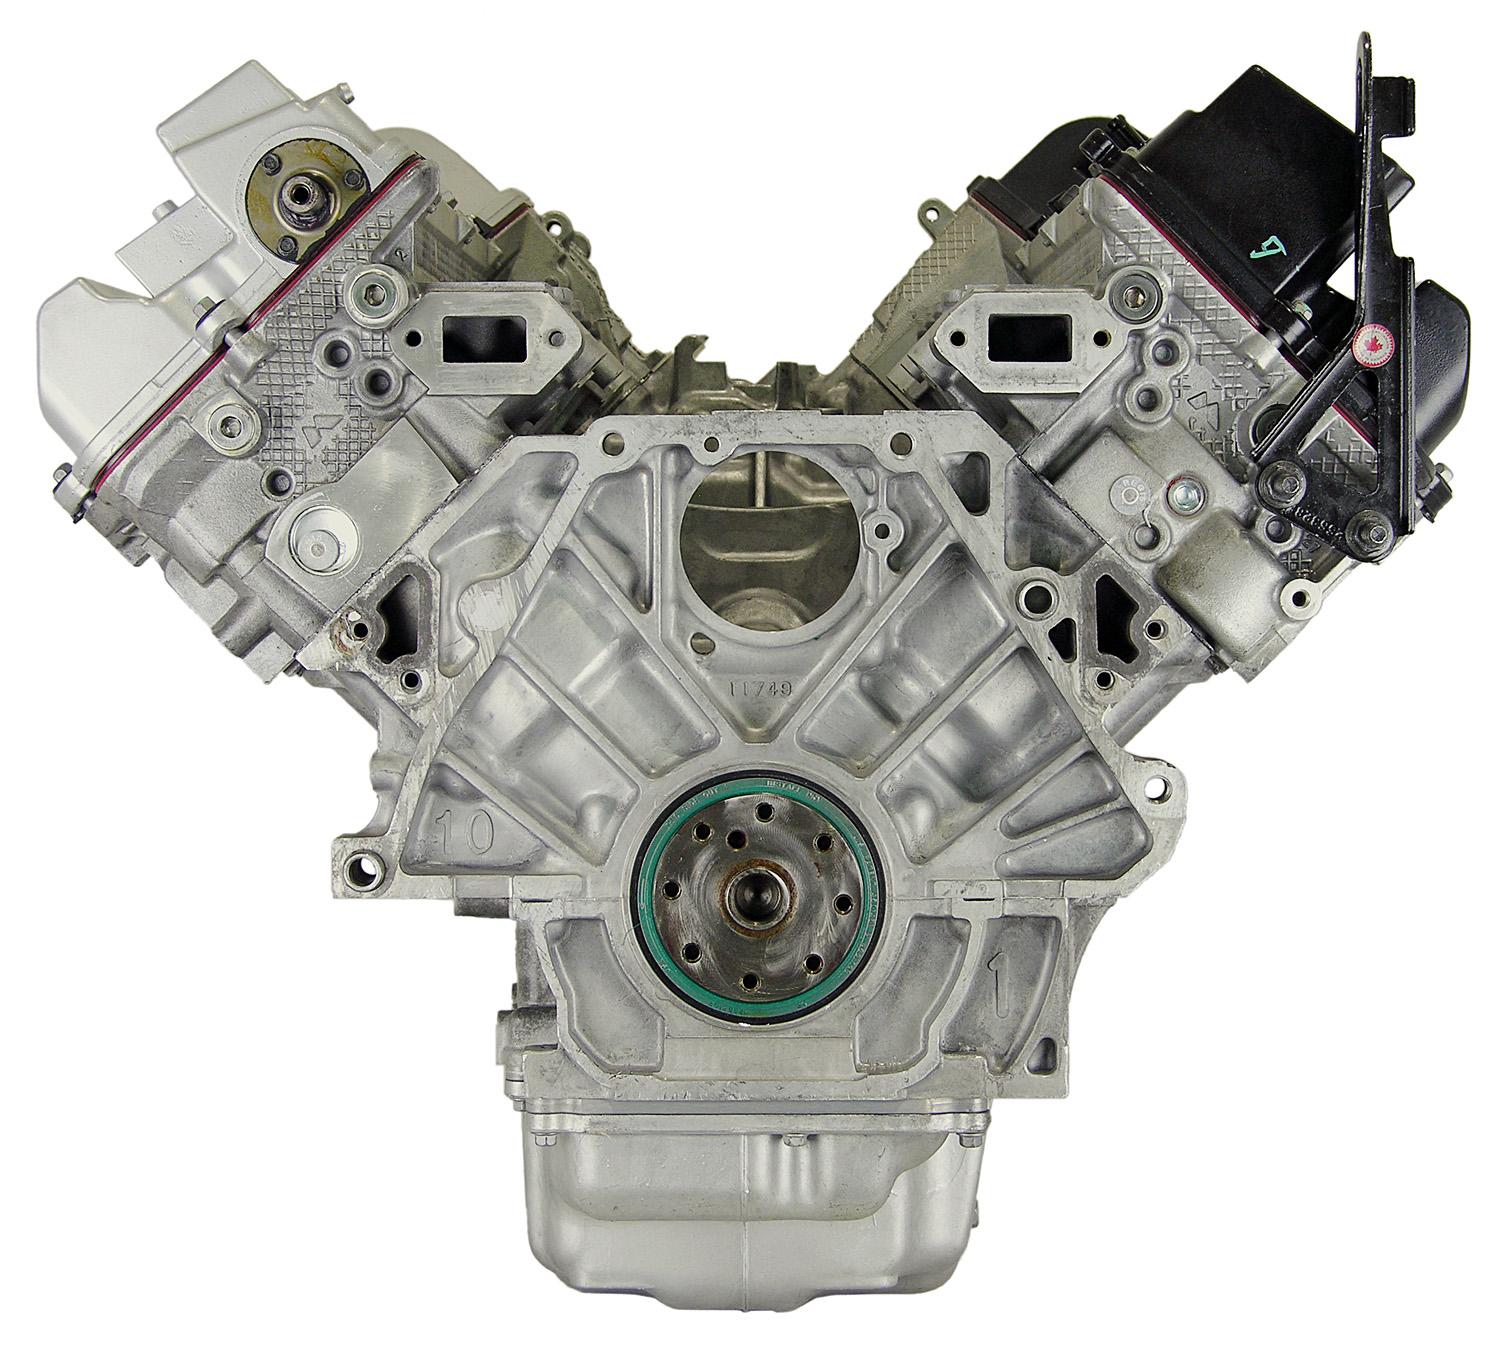 2000 Cadillac Deville Head Gasket: 00-02 Cadillac Seville 4.6 NorthStar Engine VIN Y